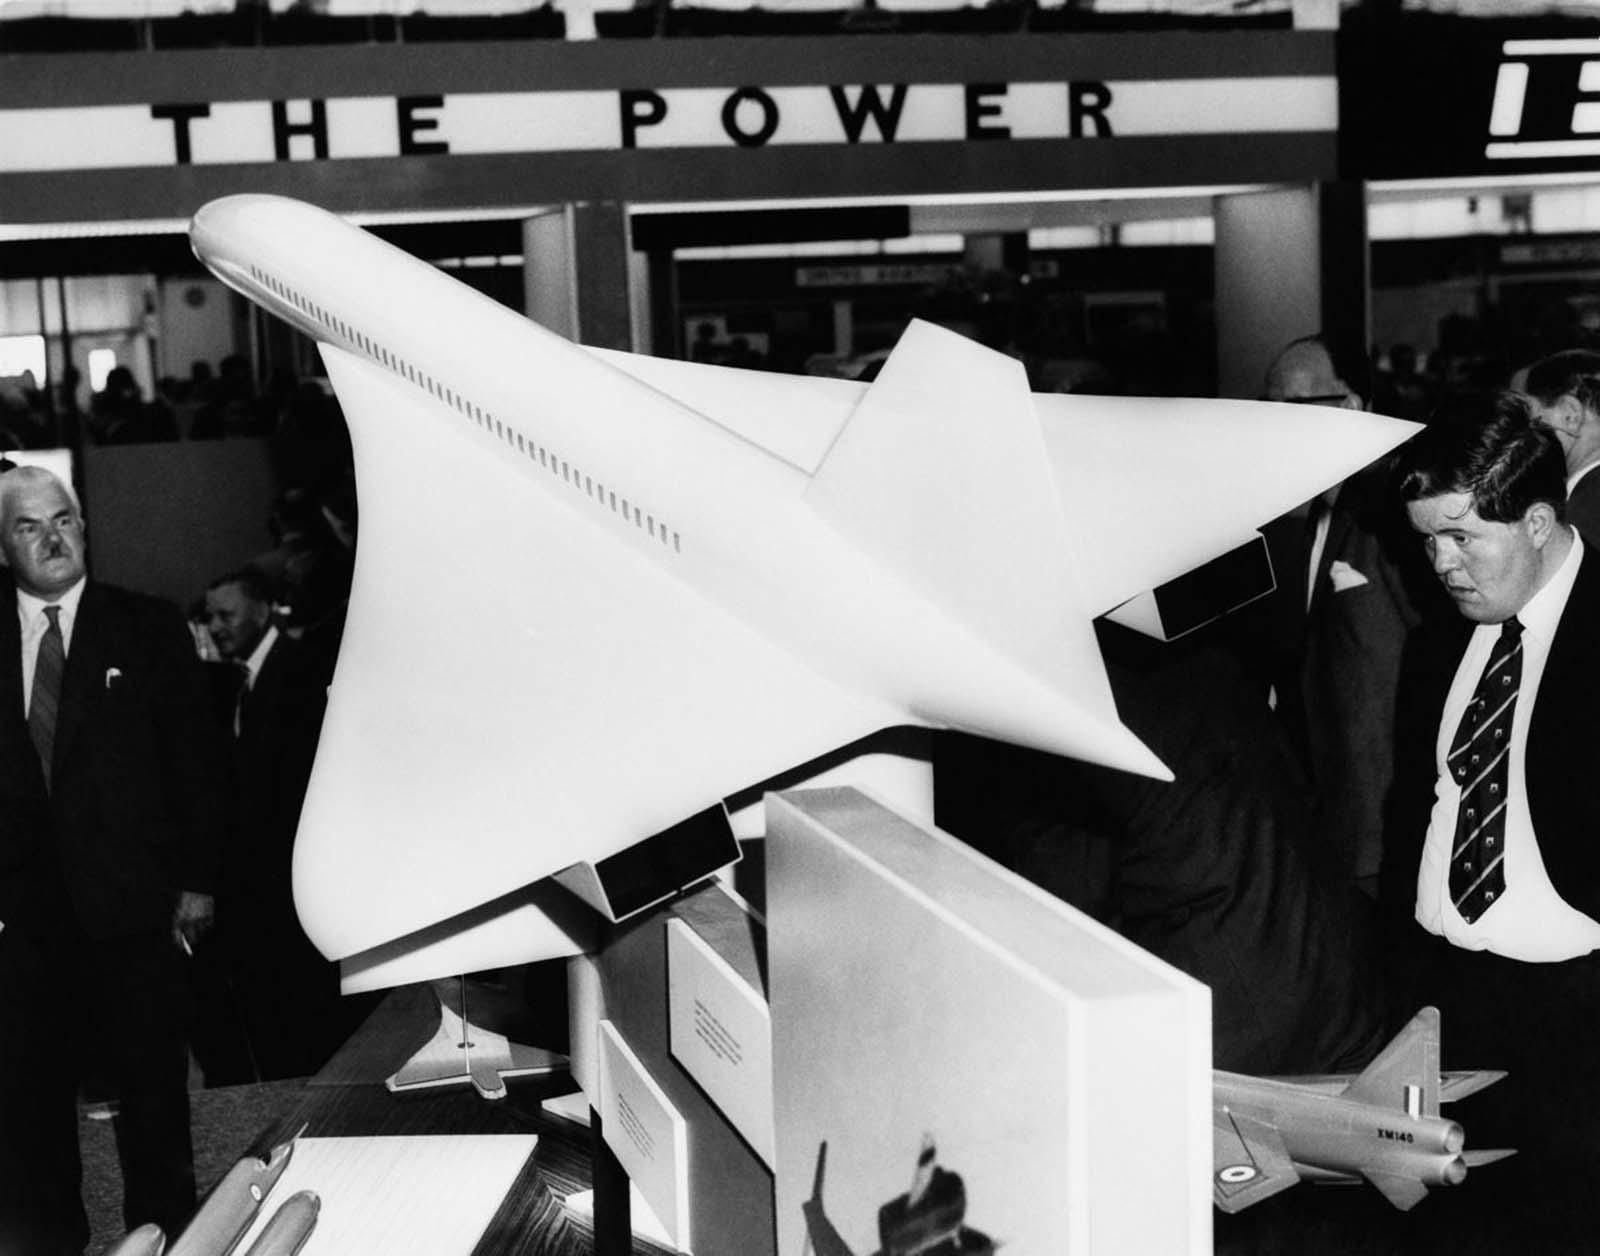 Concorde modell a Farnborough Air Show kiállításon Angliában.  1962.